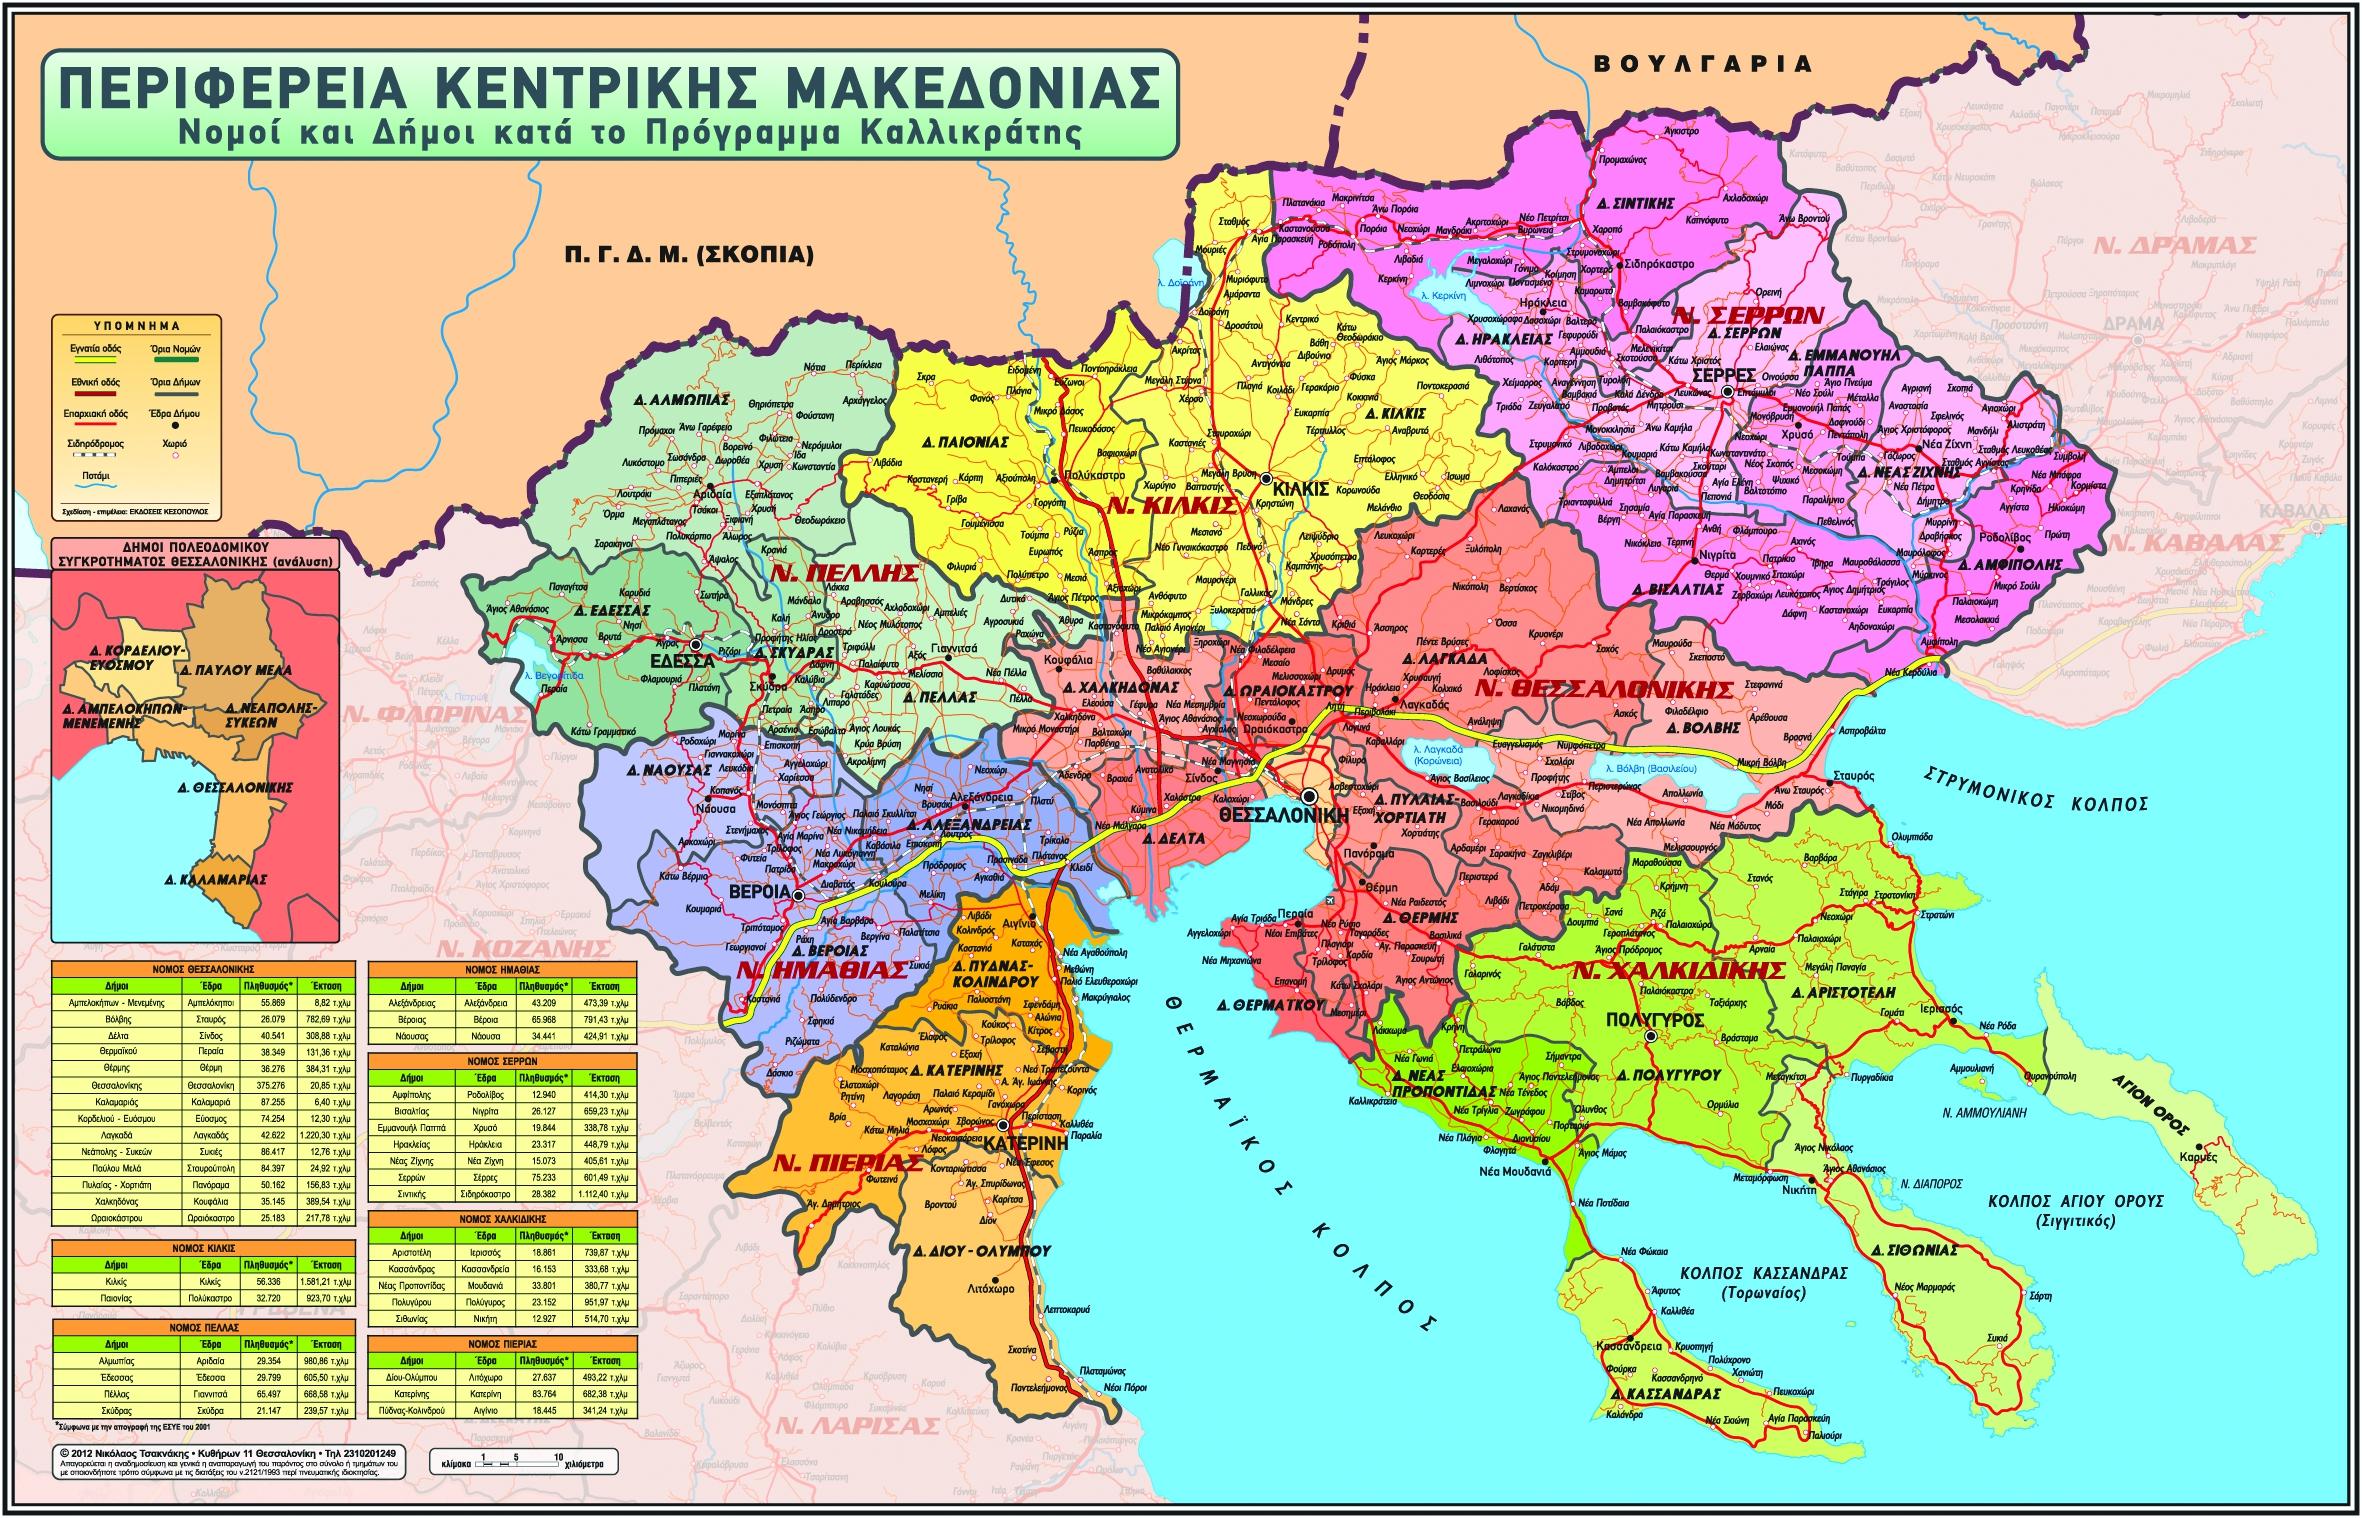 Perifereia Kentrikhs Makedonias Ekdoseis Ale3andros Ekdotikes